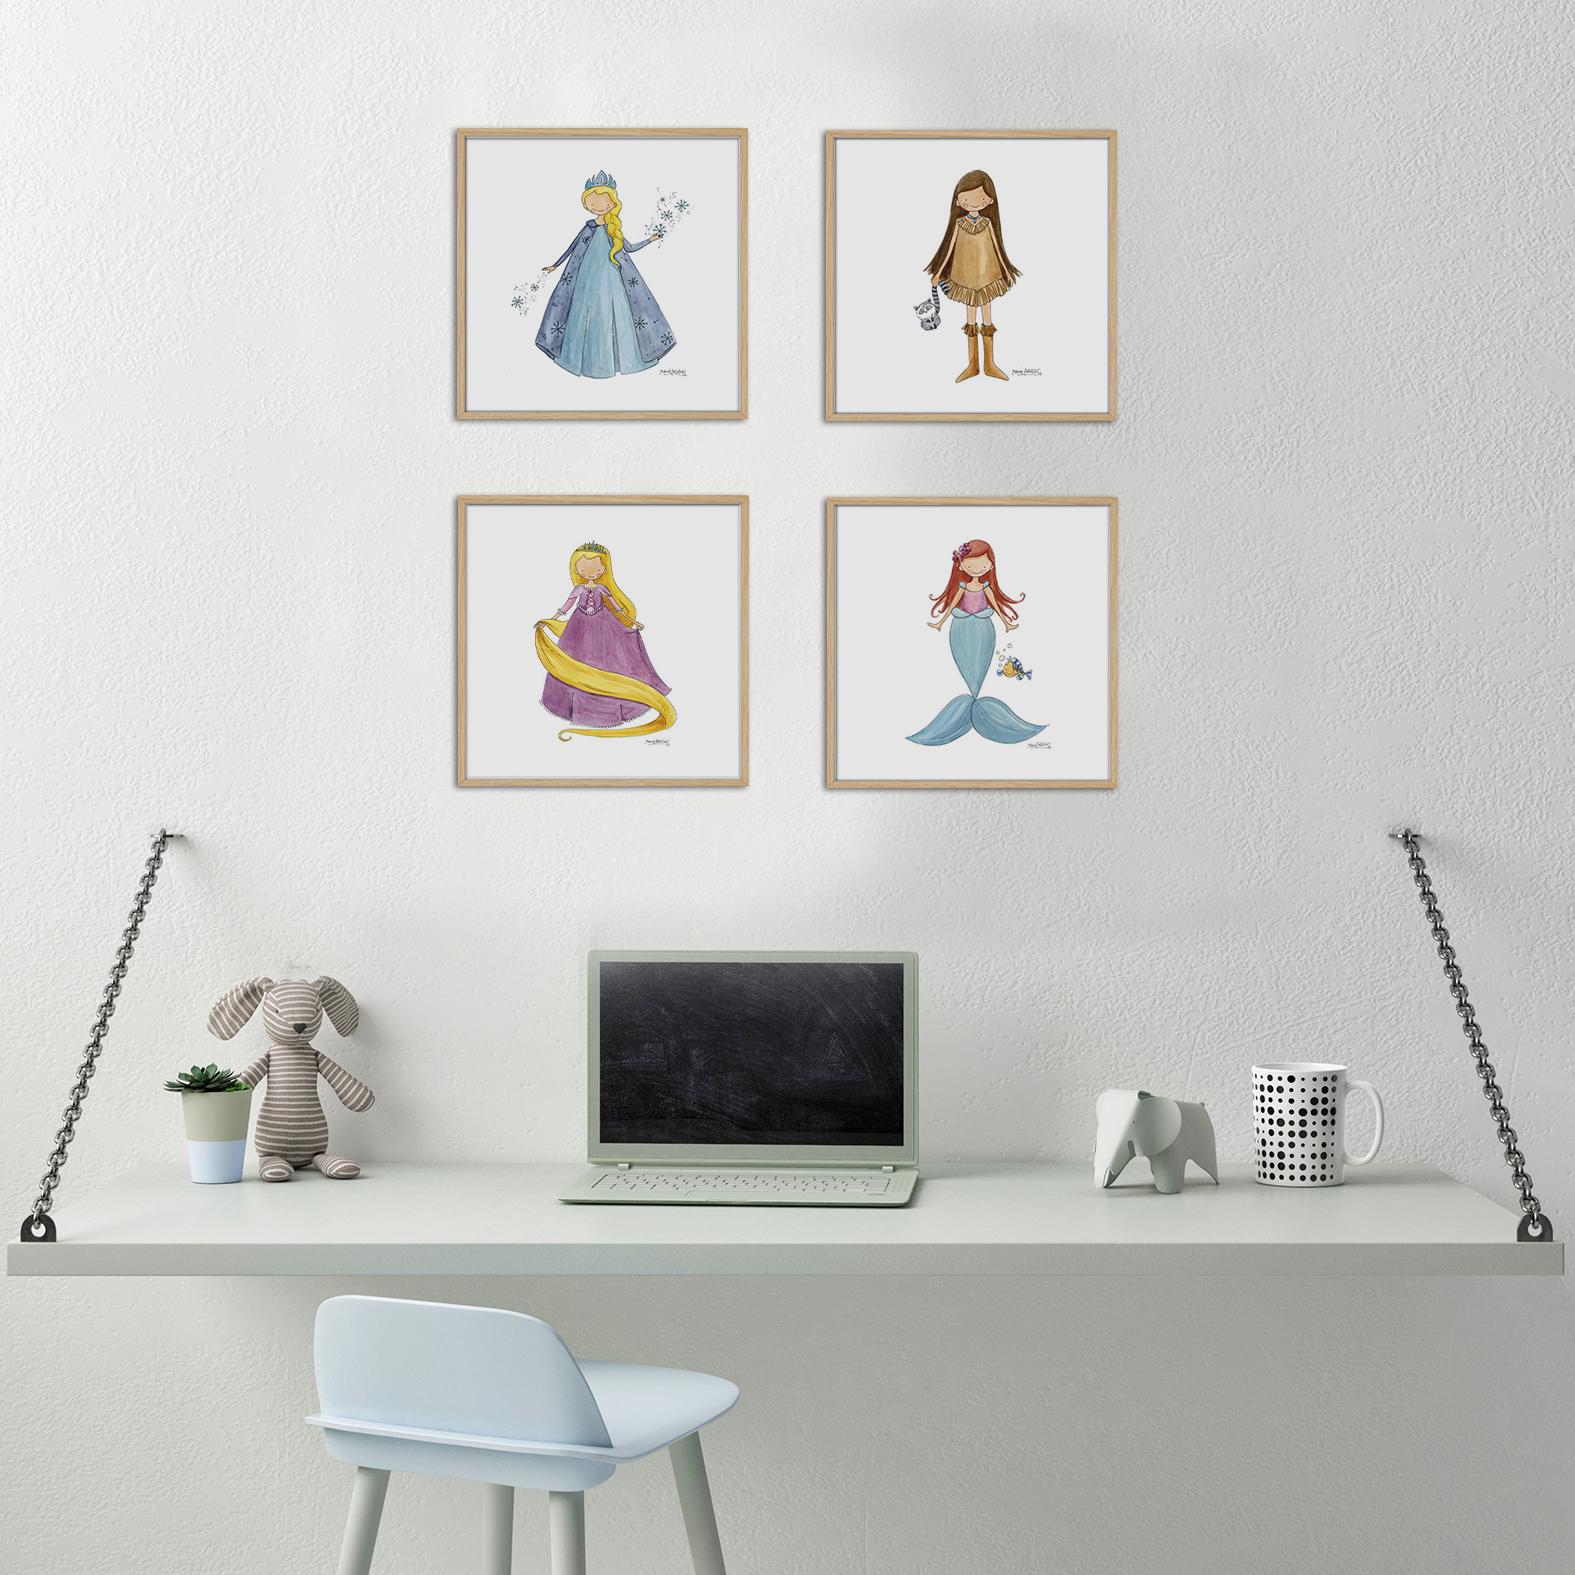 princesas - Cuadro Princesas Pocahontas